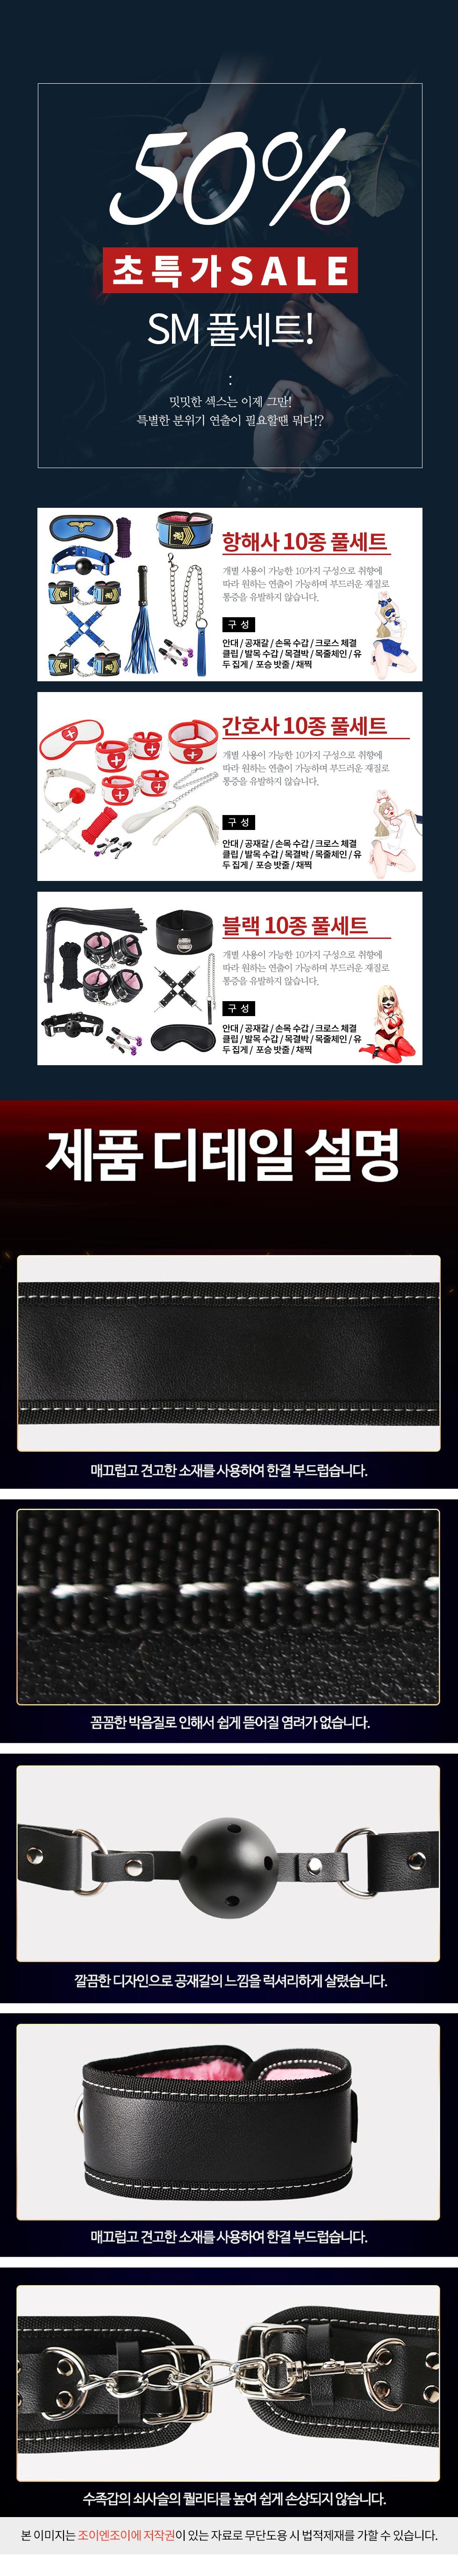 SM 성인용품 상세설명